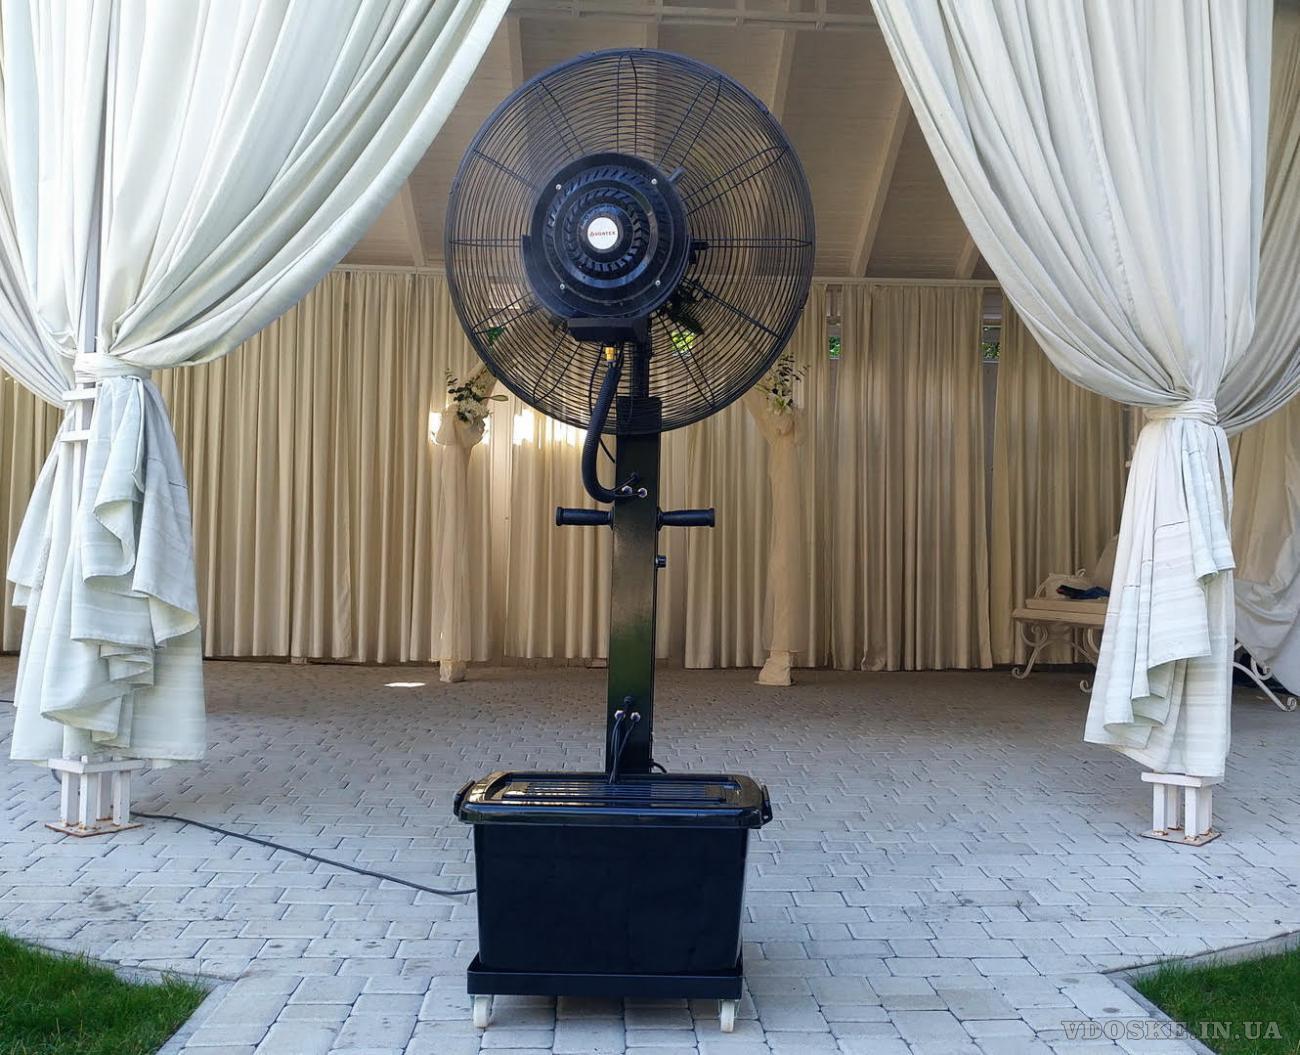 Переносной вентилятор-увлажнитель для открытыхплощадок